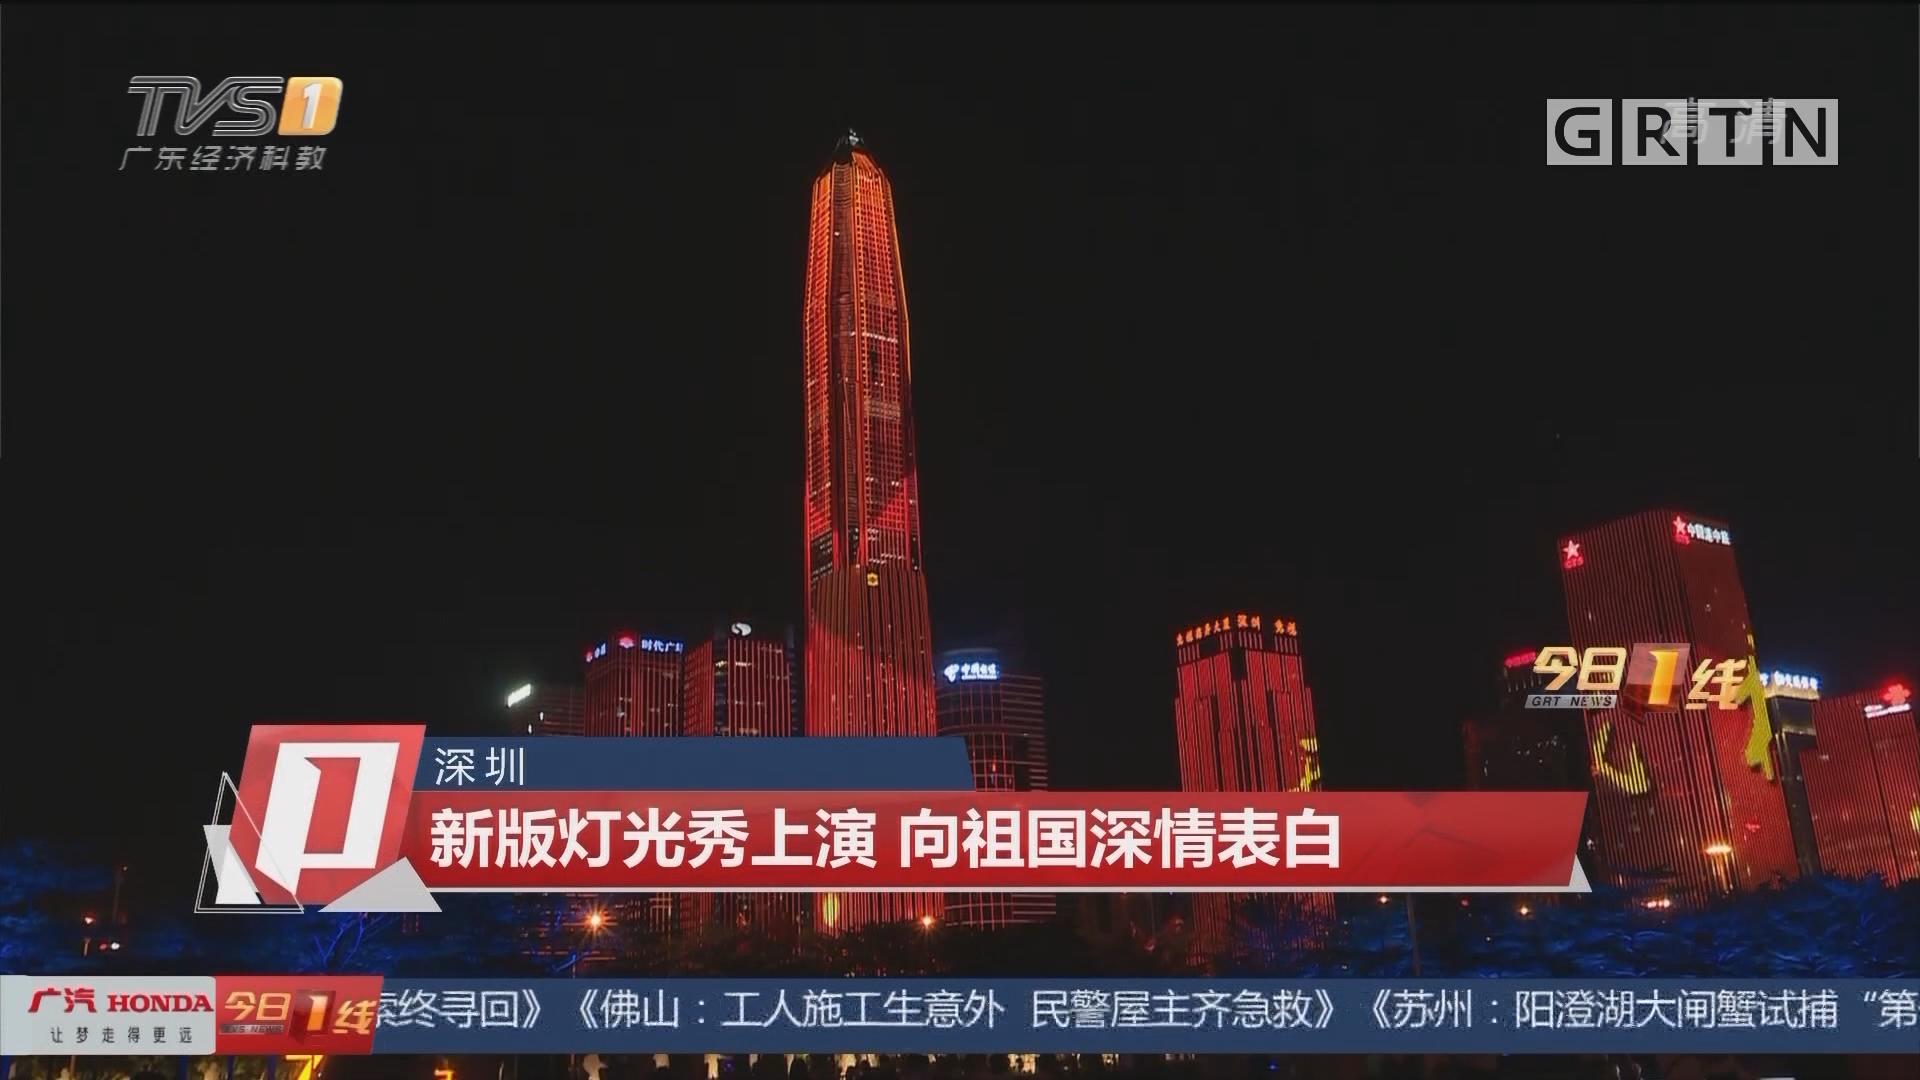 深圳:新版燈光秀上演 向祖國深情表白